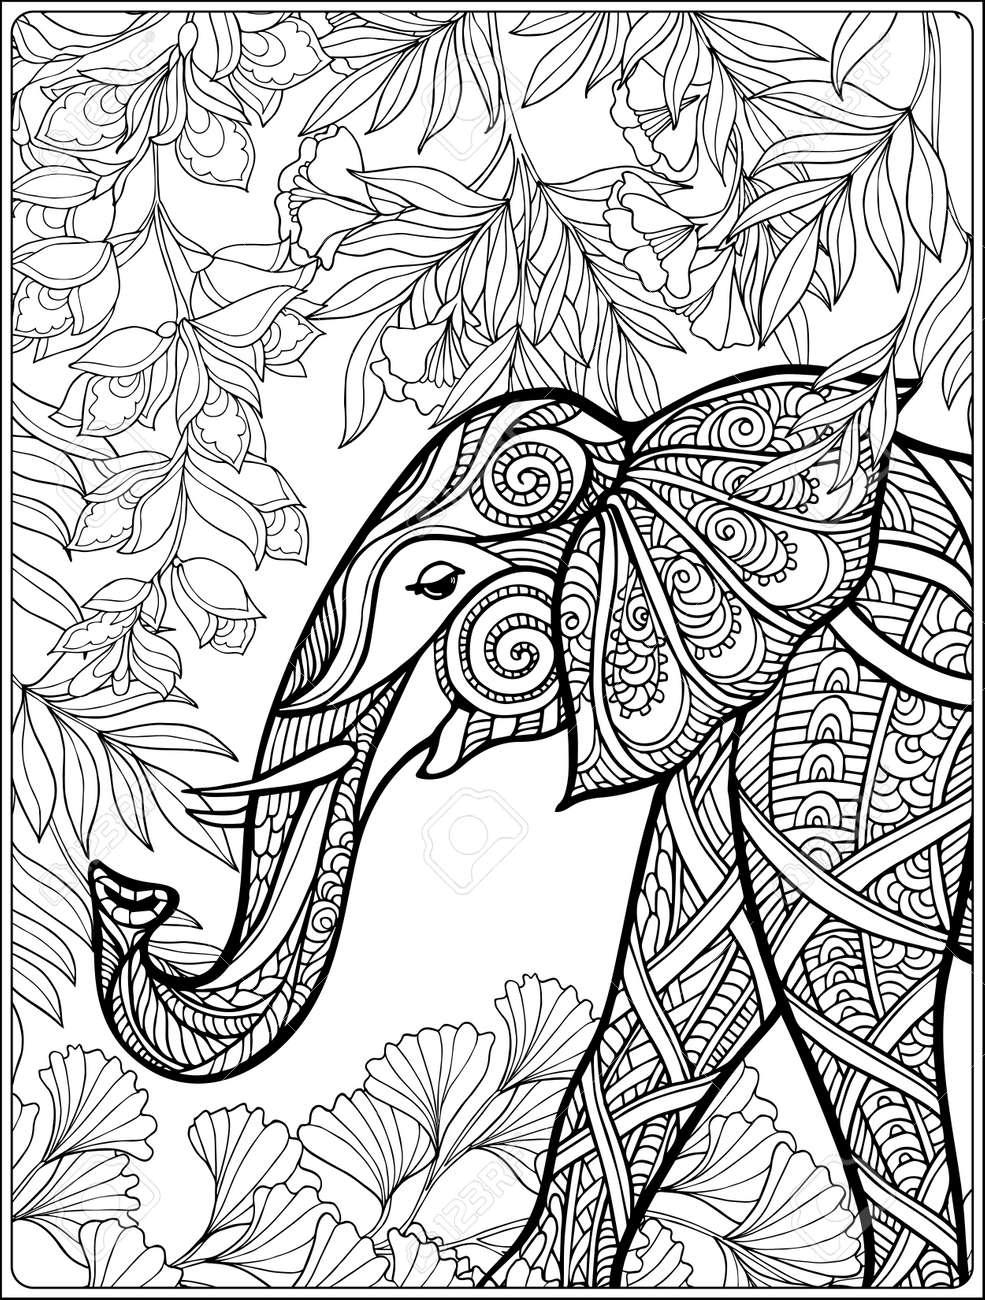 Coloriage Adulte Foret.Coloriage Avec Des Elephants Dans La Foret Livre A Colorier Pour Les Adultes Et Les Enfants Plus Ages